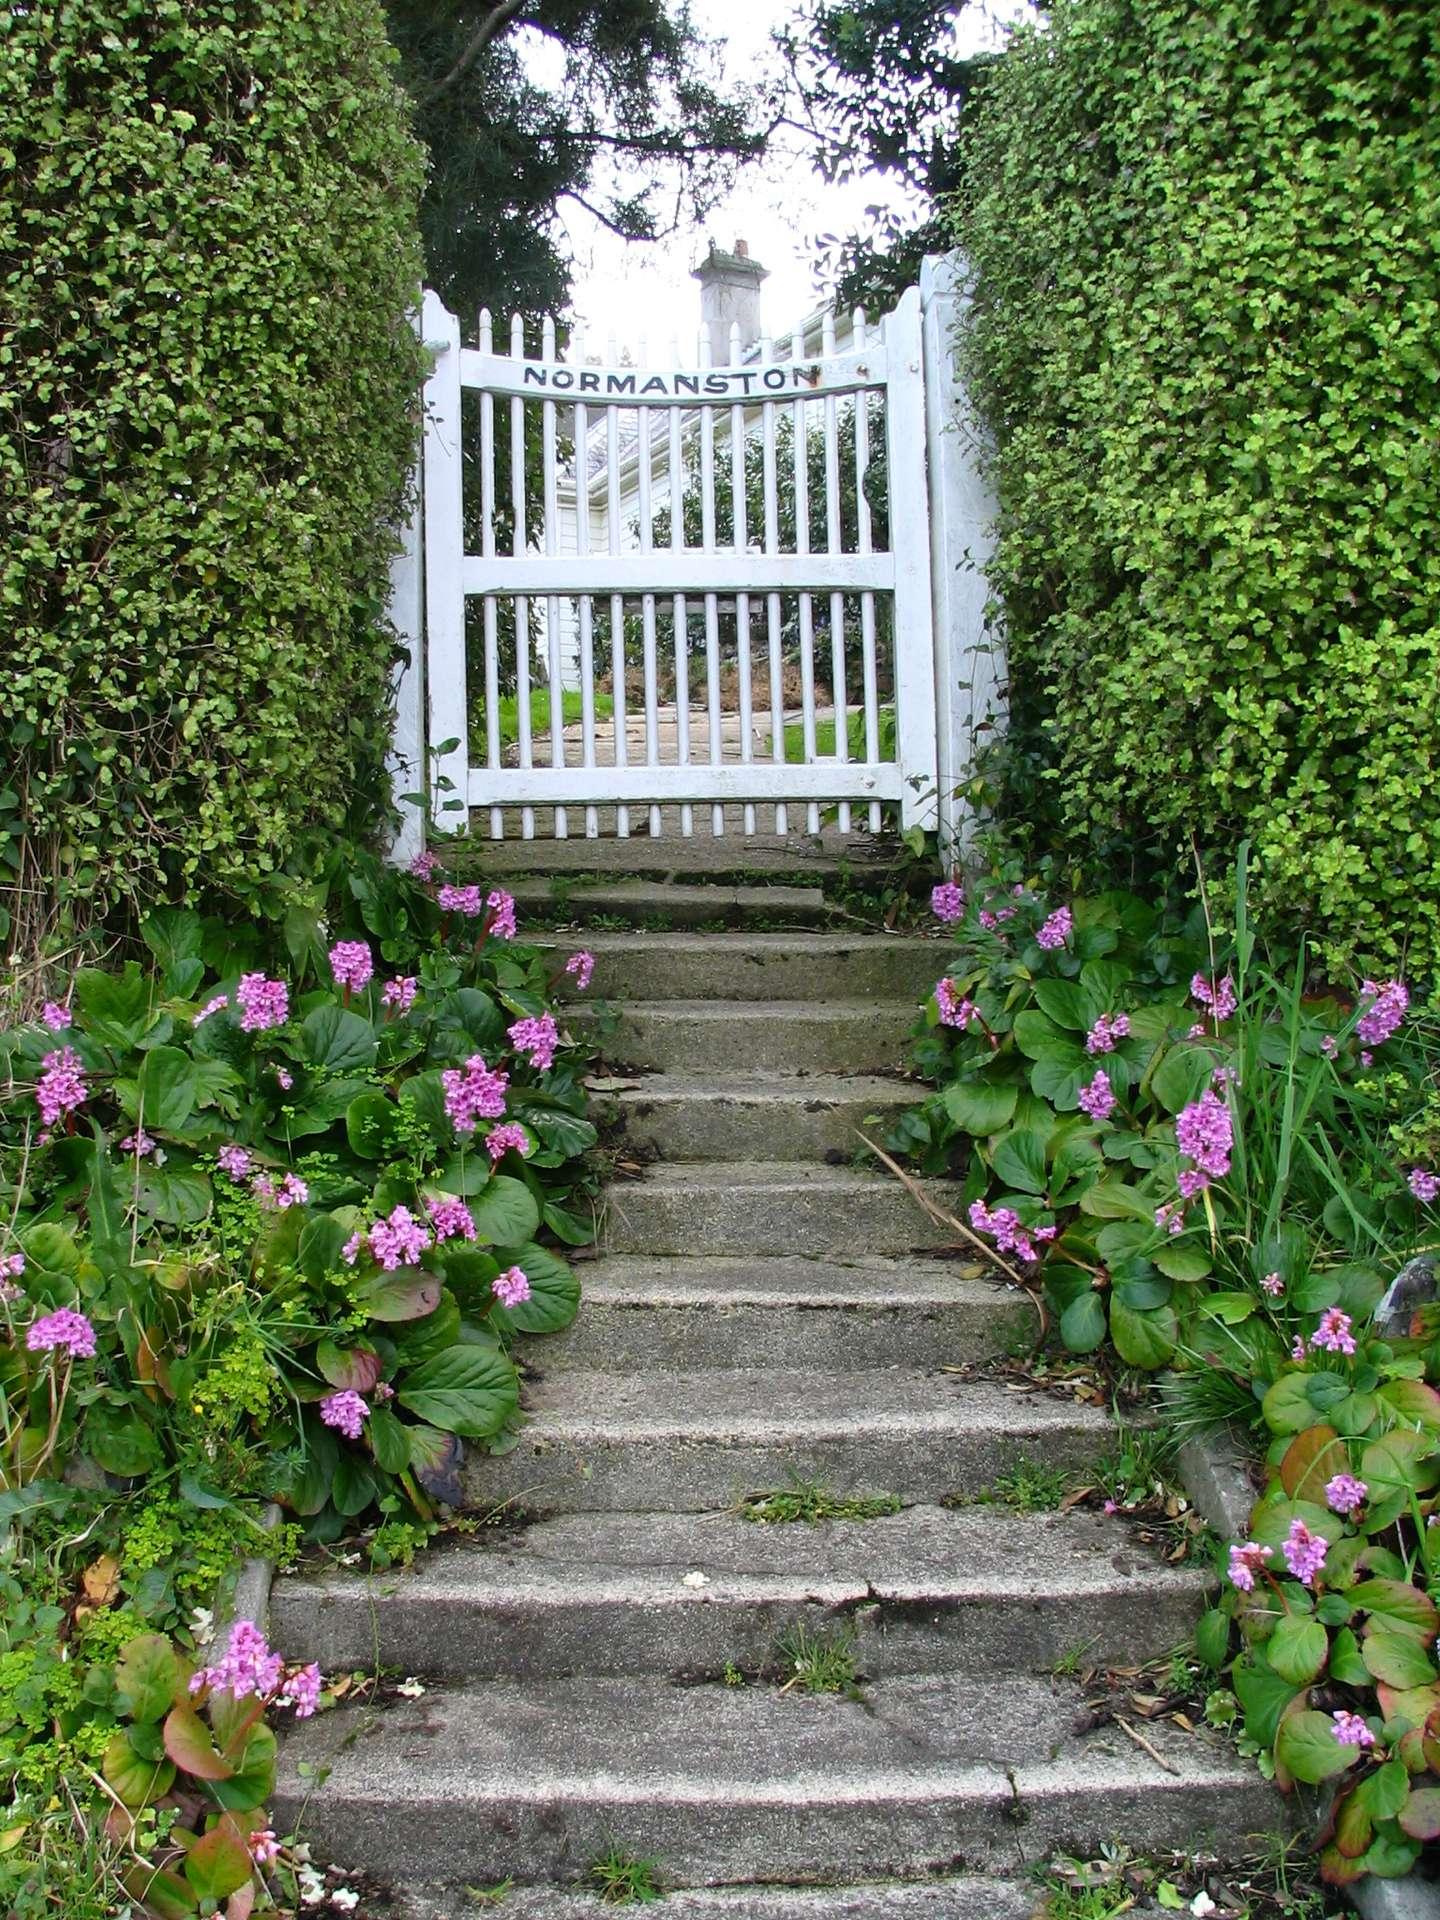 Un portillon est une petite porte d'extérieur. Ici un portillon donnant accès à un jardin. © Benchill, CC BY SA 3.0, Wikipedia Commons